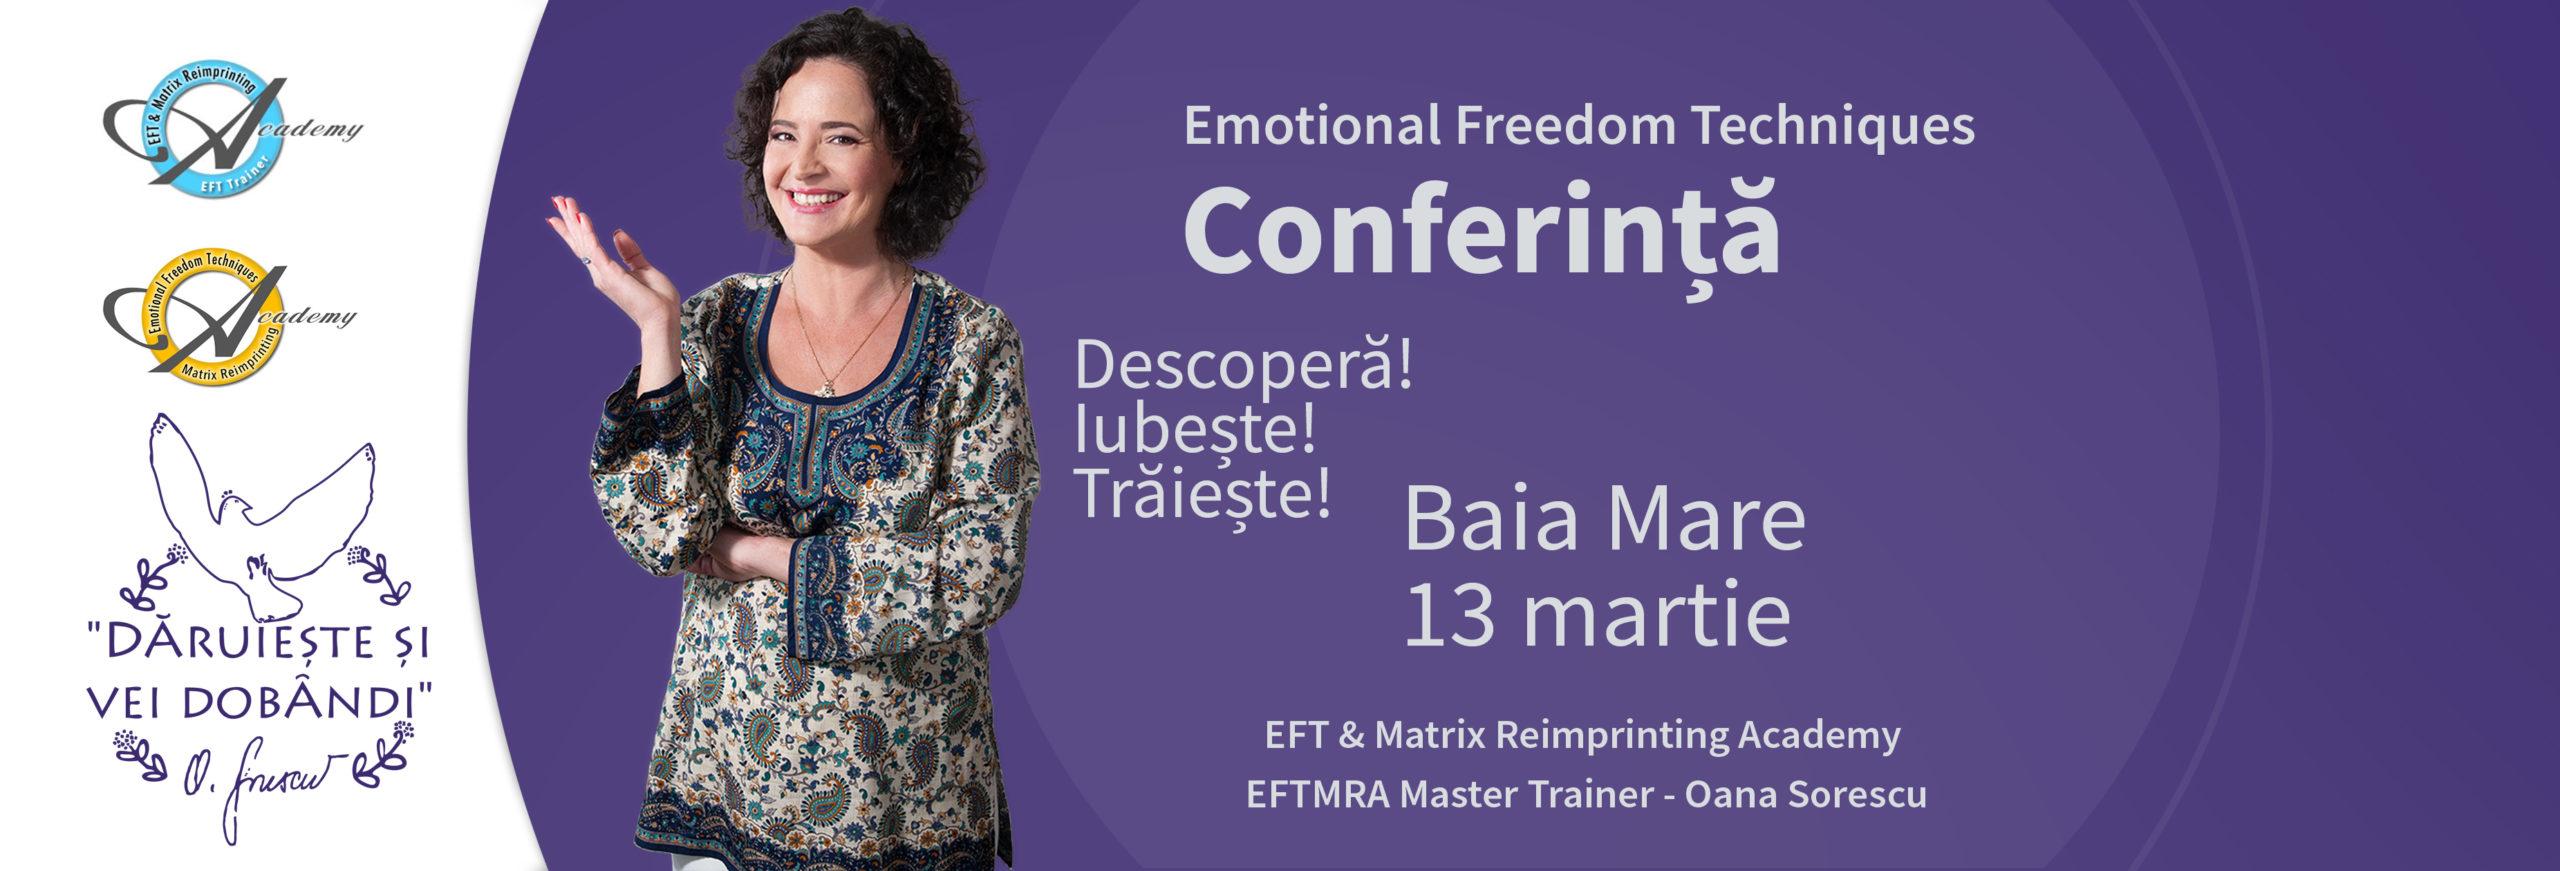 Conferinta EFT Baia Mare